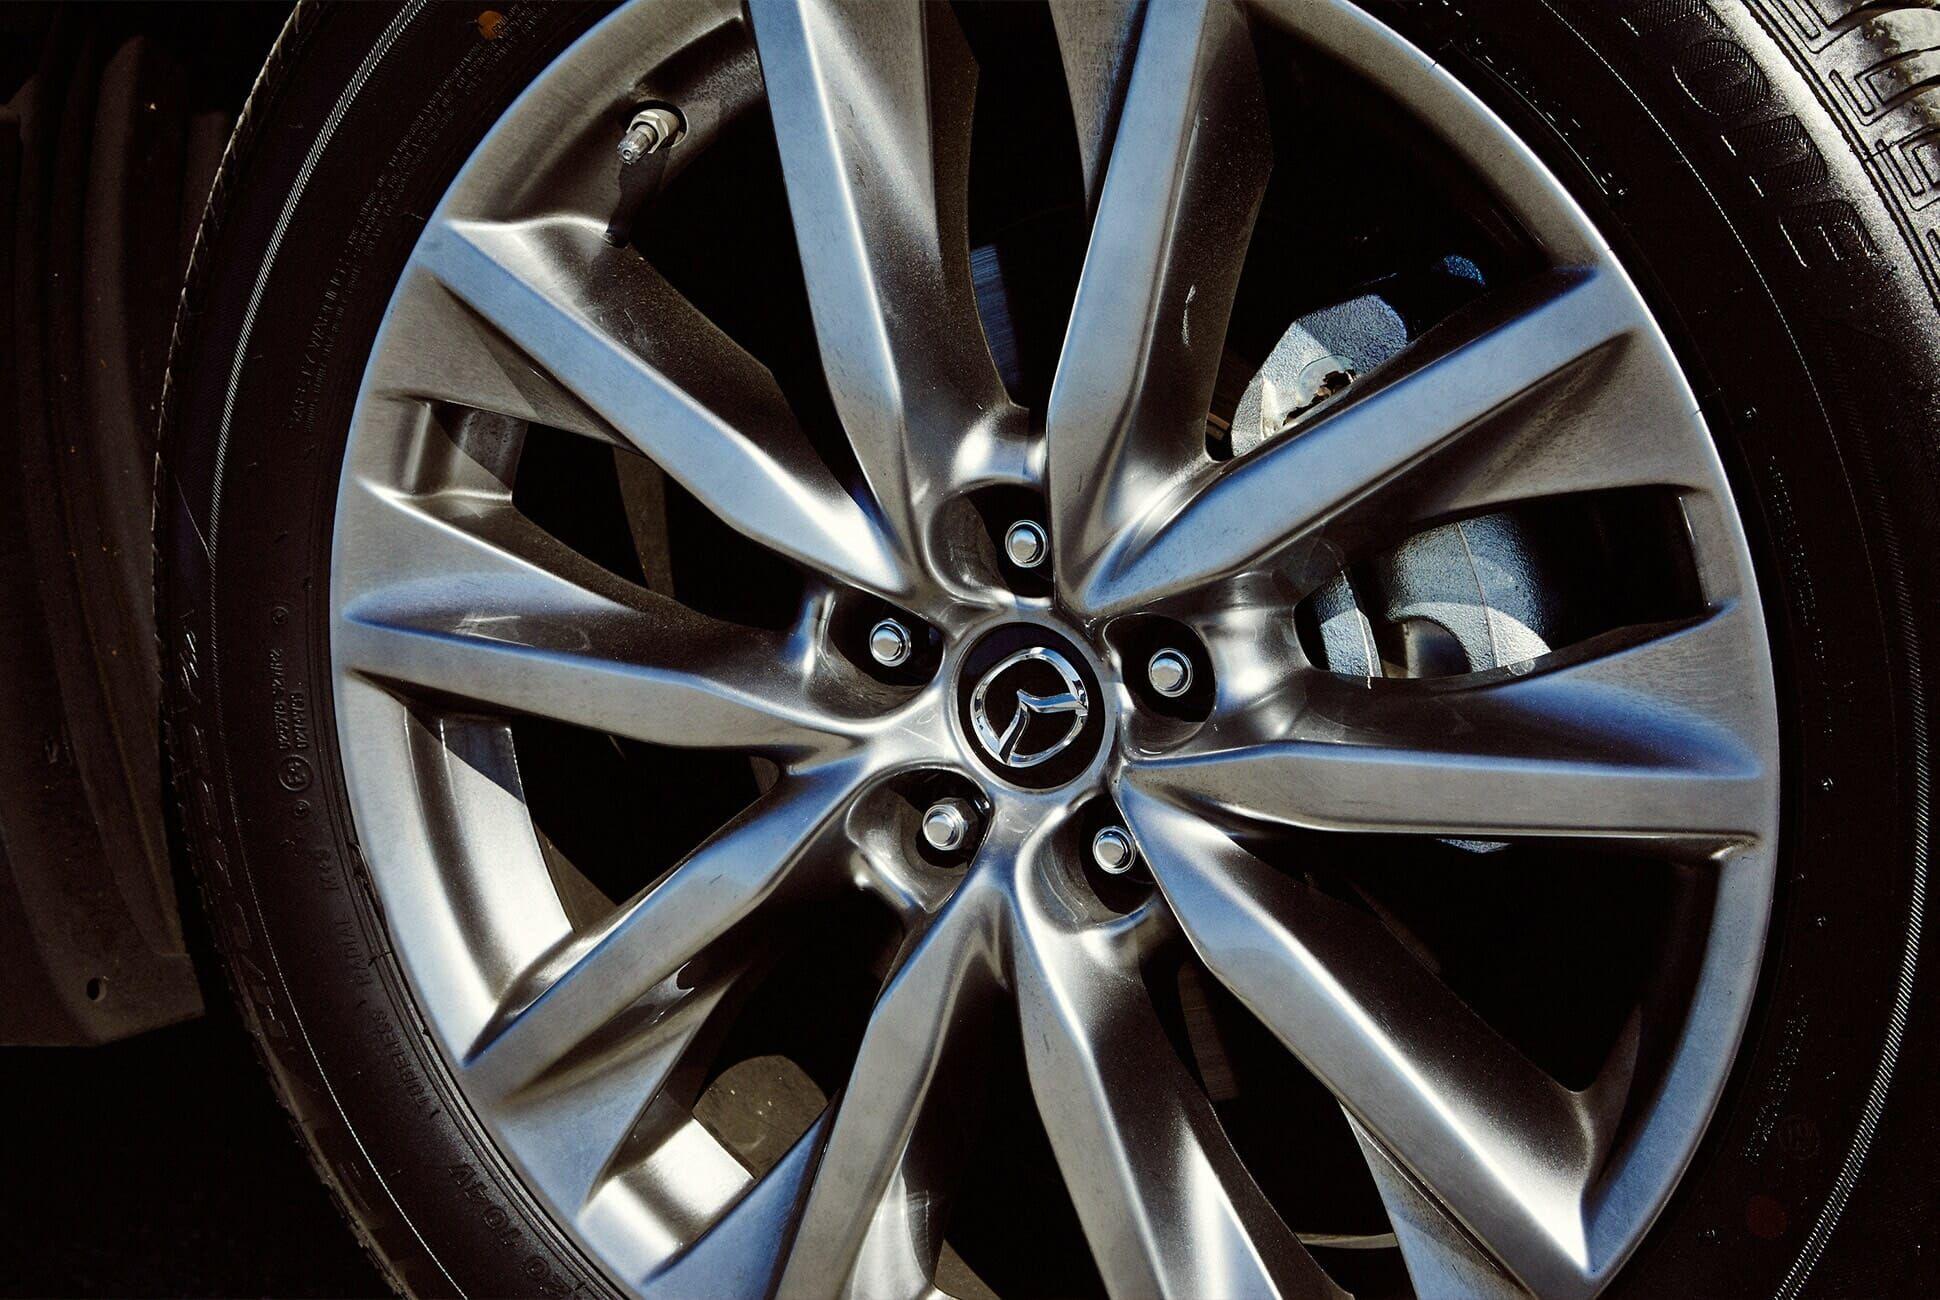 Mazda-CX9-Review-Gear-Patrol-slide-3